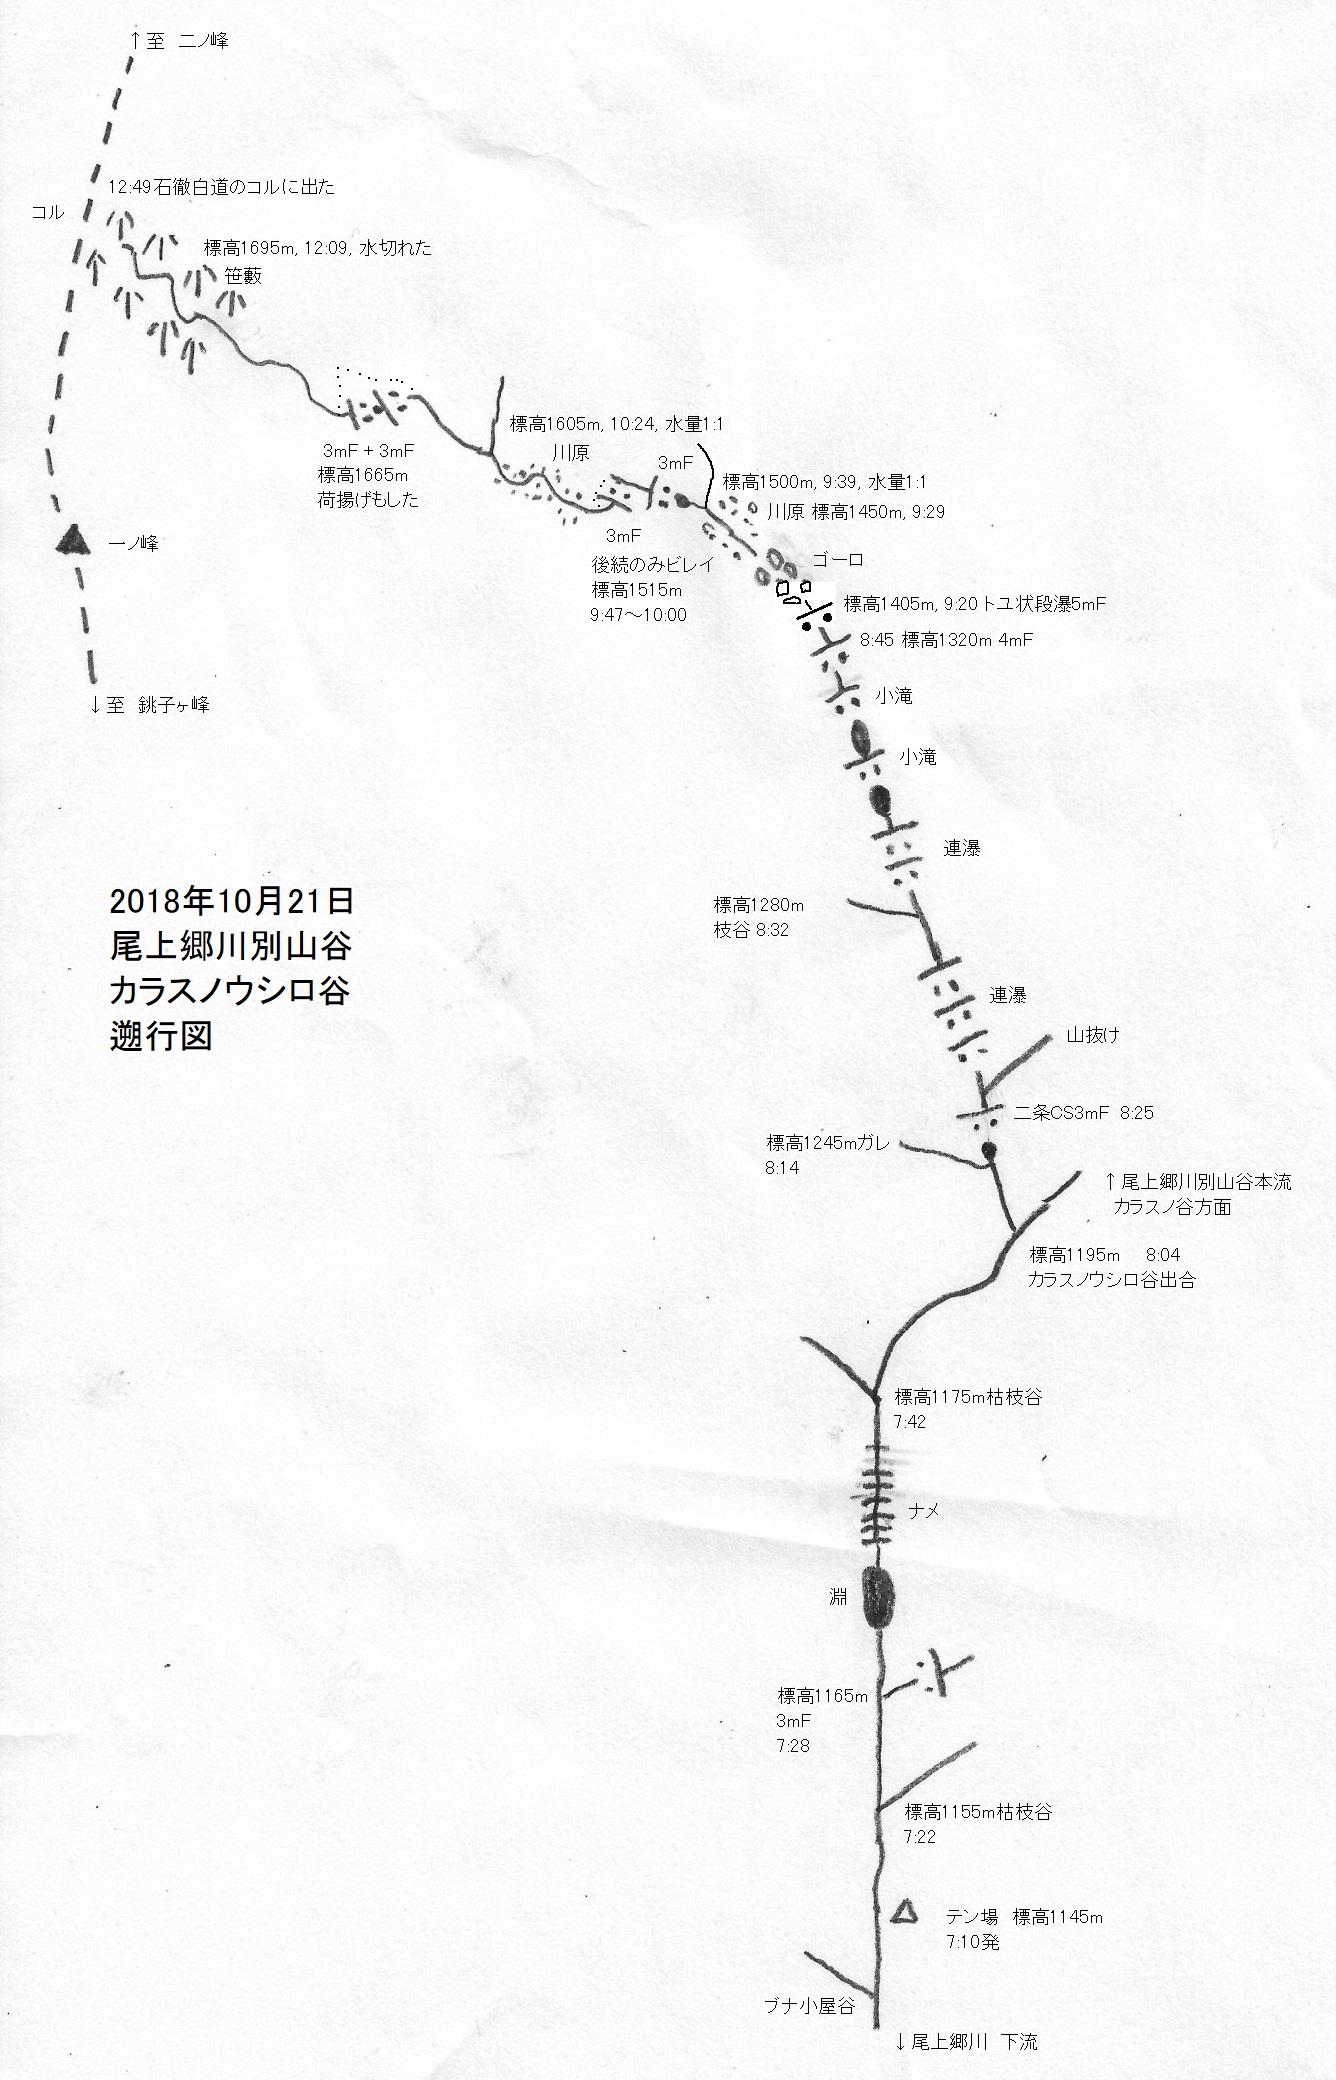 カラスノウシロ谷遡行図